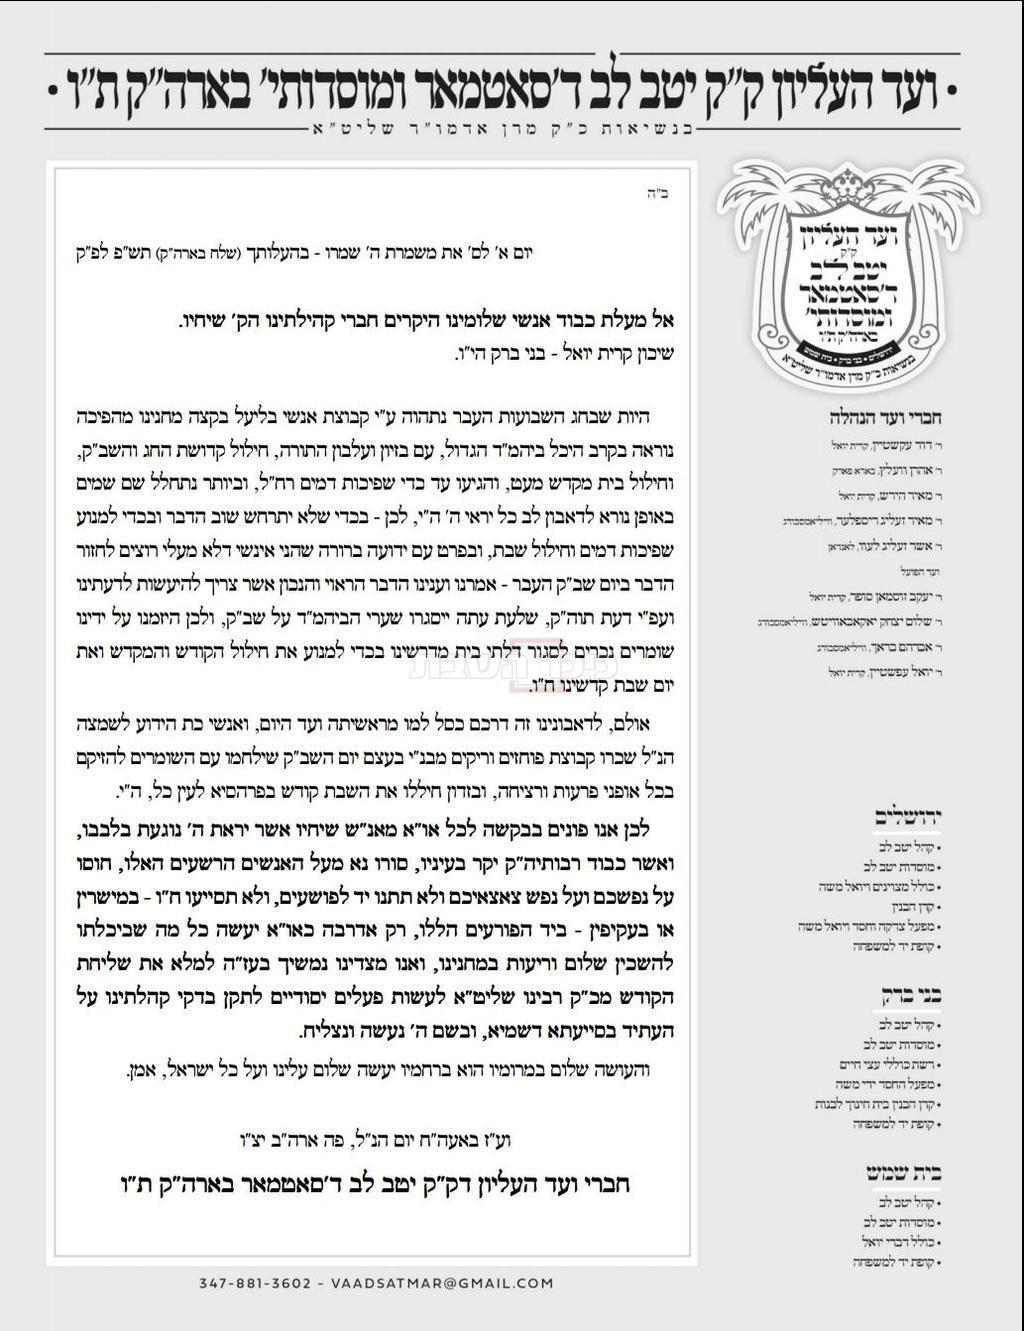 המכתב של חברי 'וועד העליון'